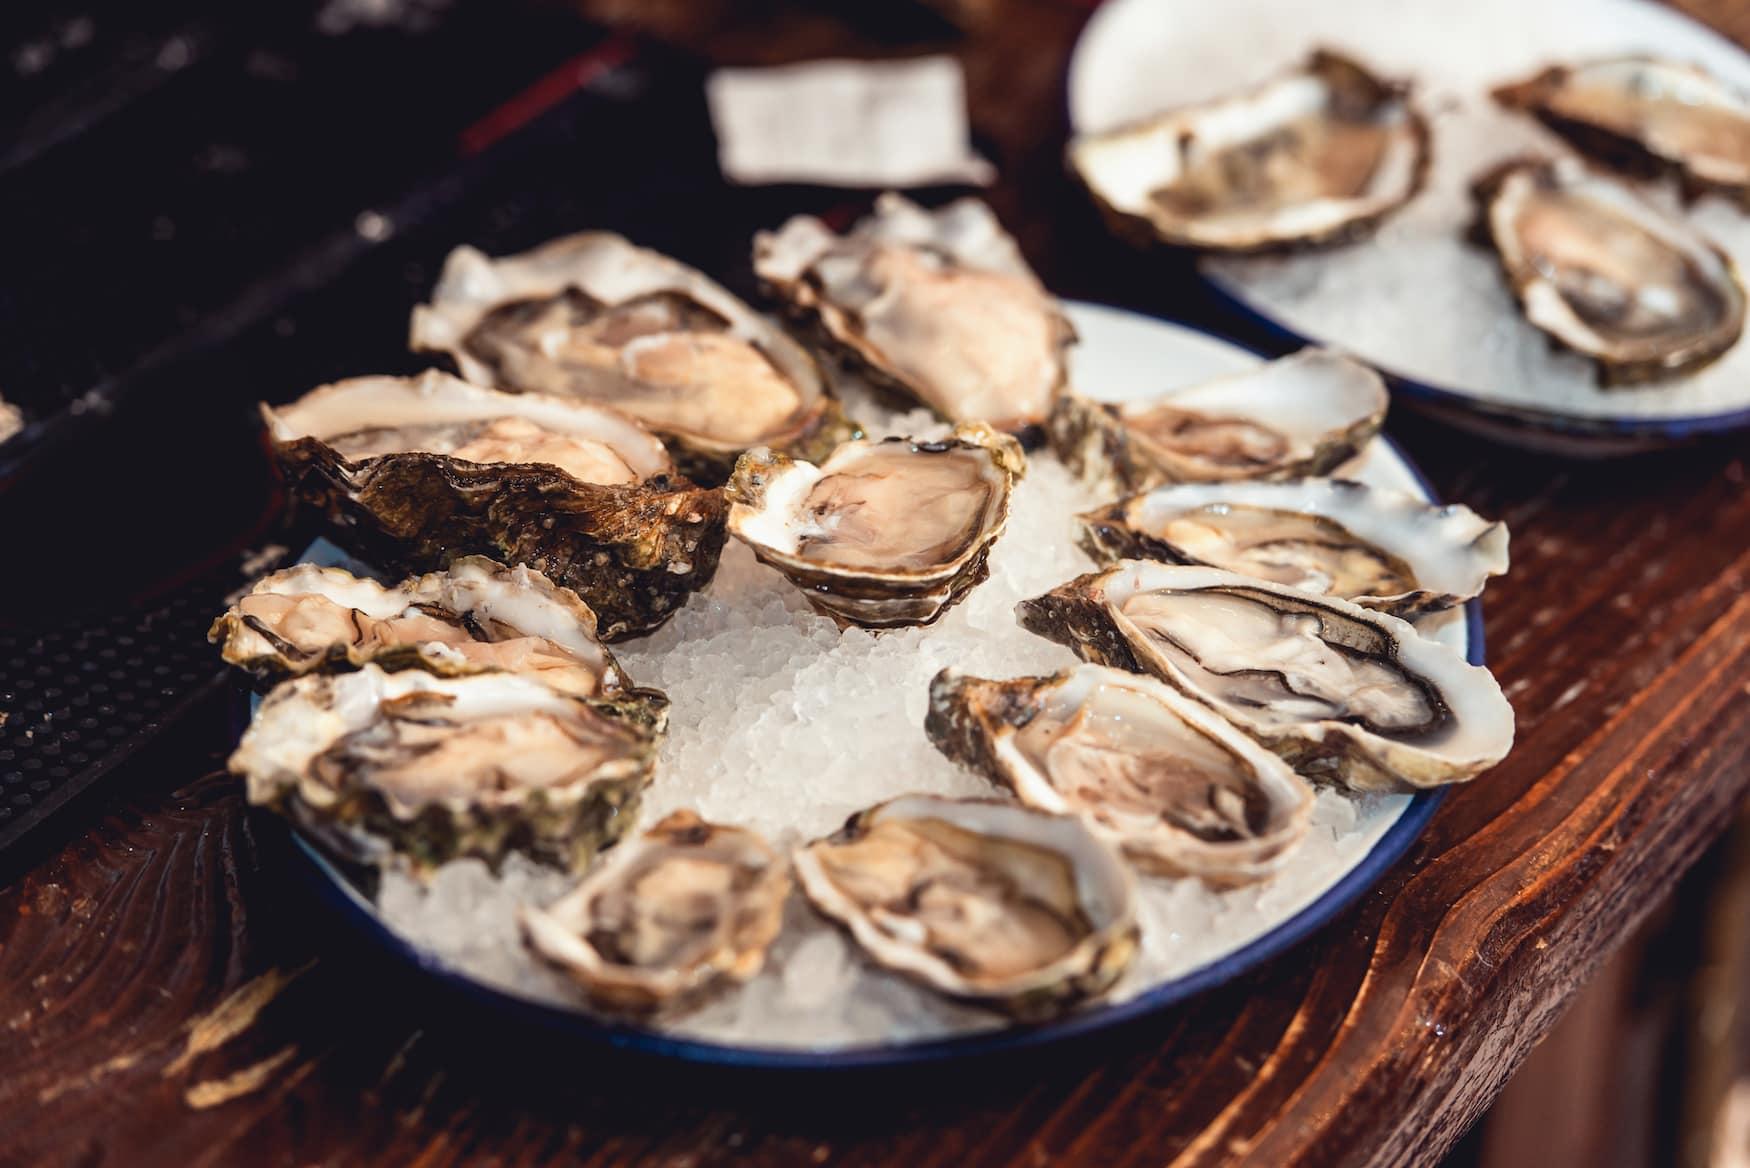 Austern aus Marennes-Oleron serviert an Buffet